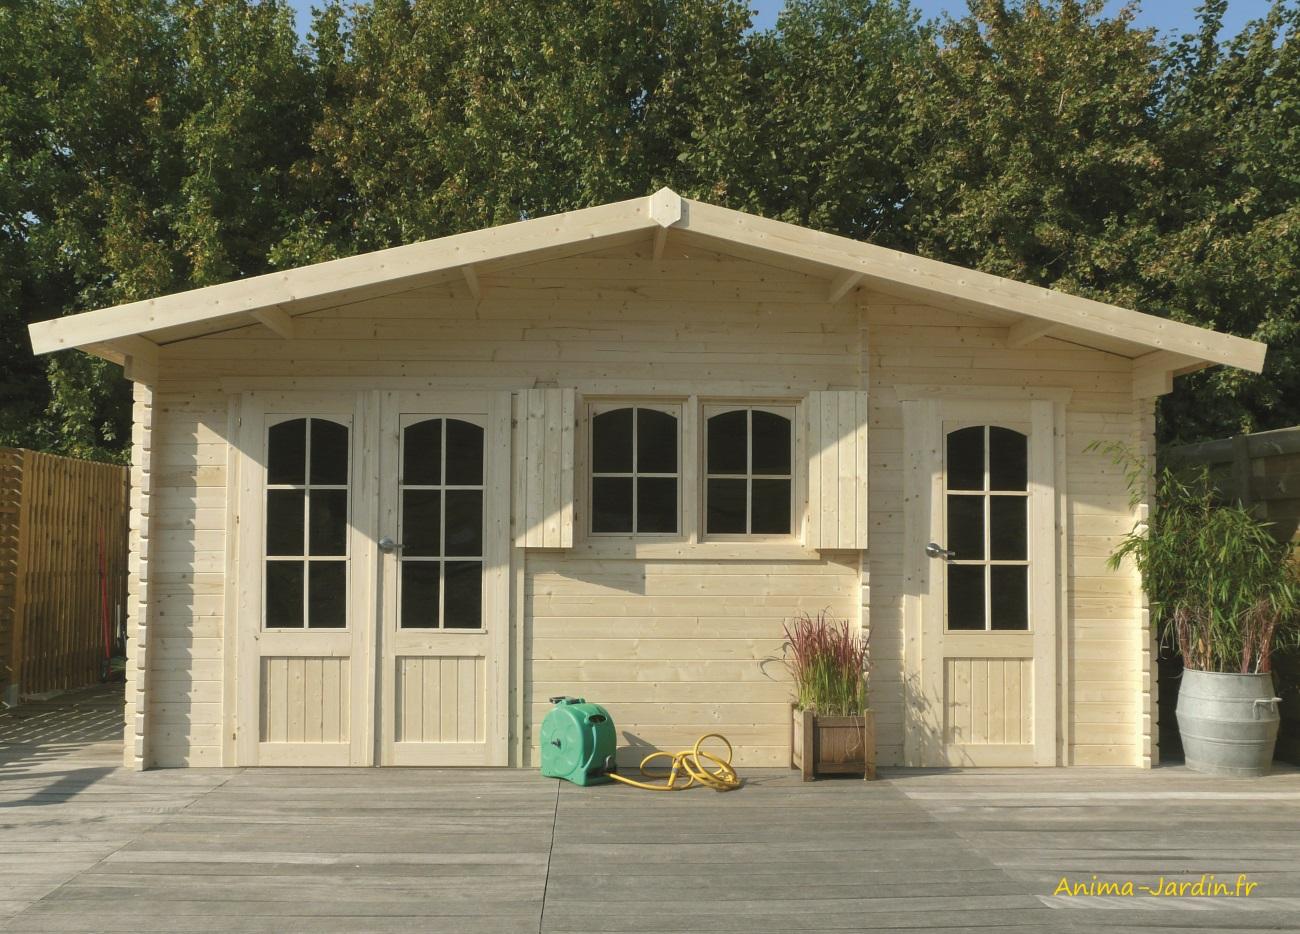 Grande Cabane De Jardin Pas Cher abri de jardin en bois 40mm, rostock, 2 pièces, 3 portes